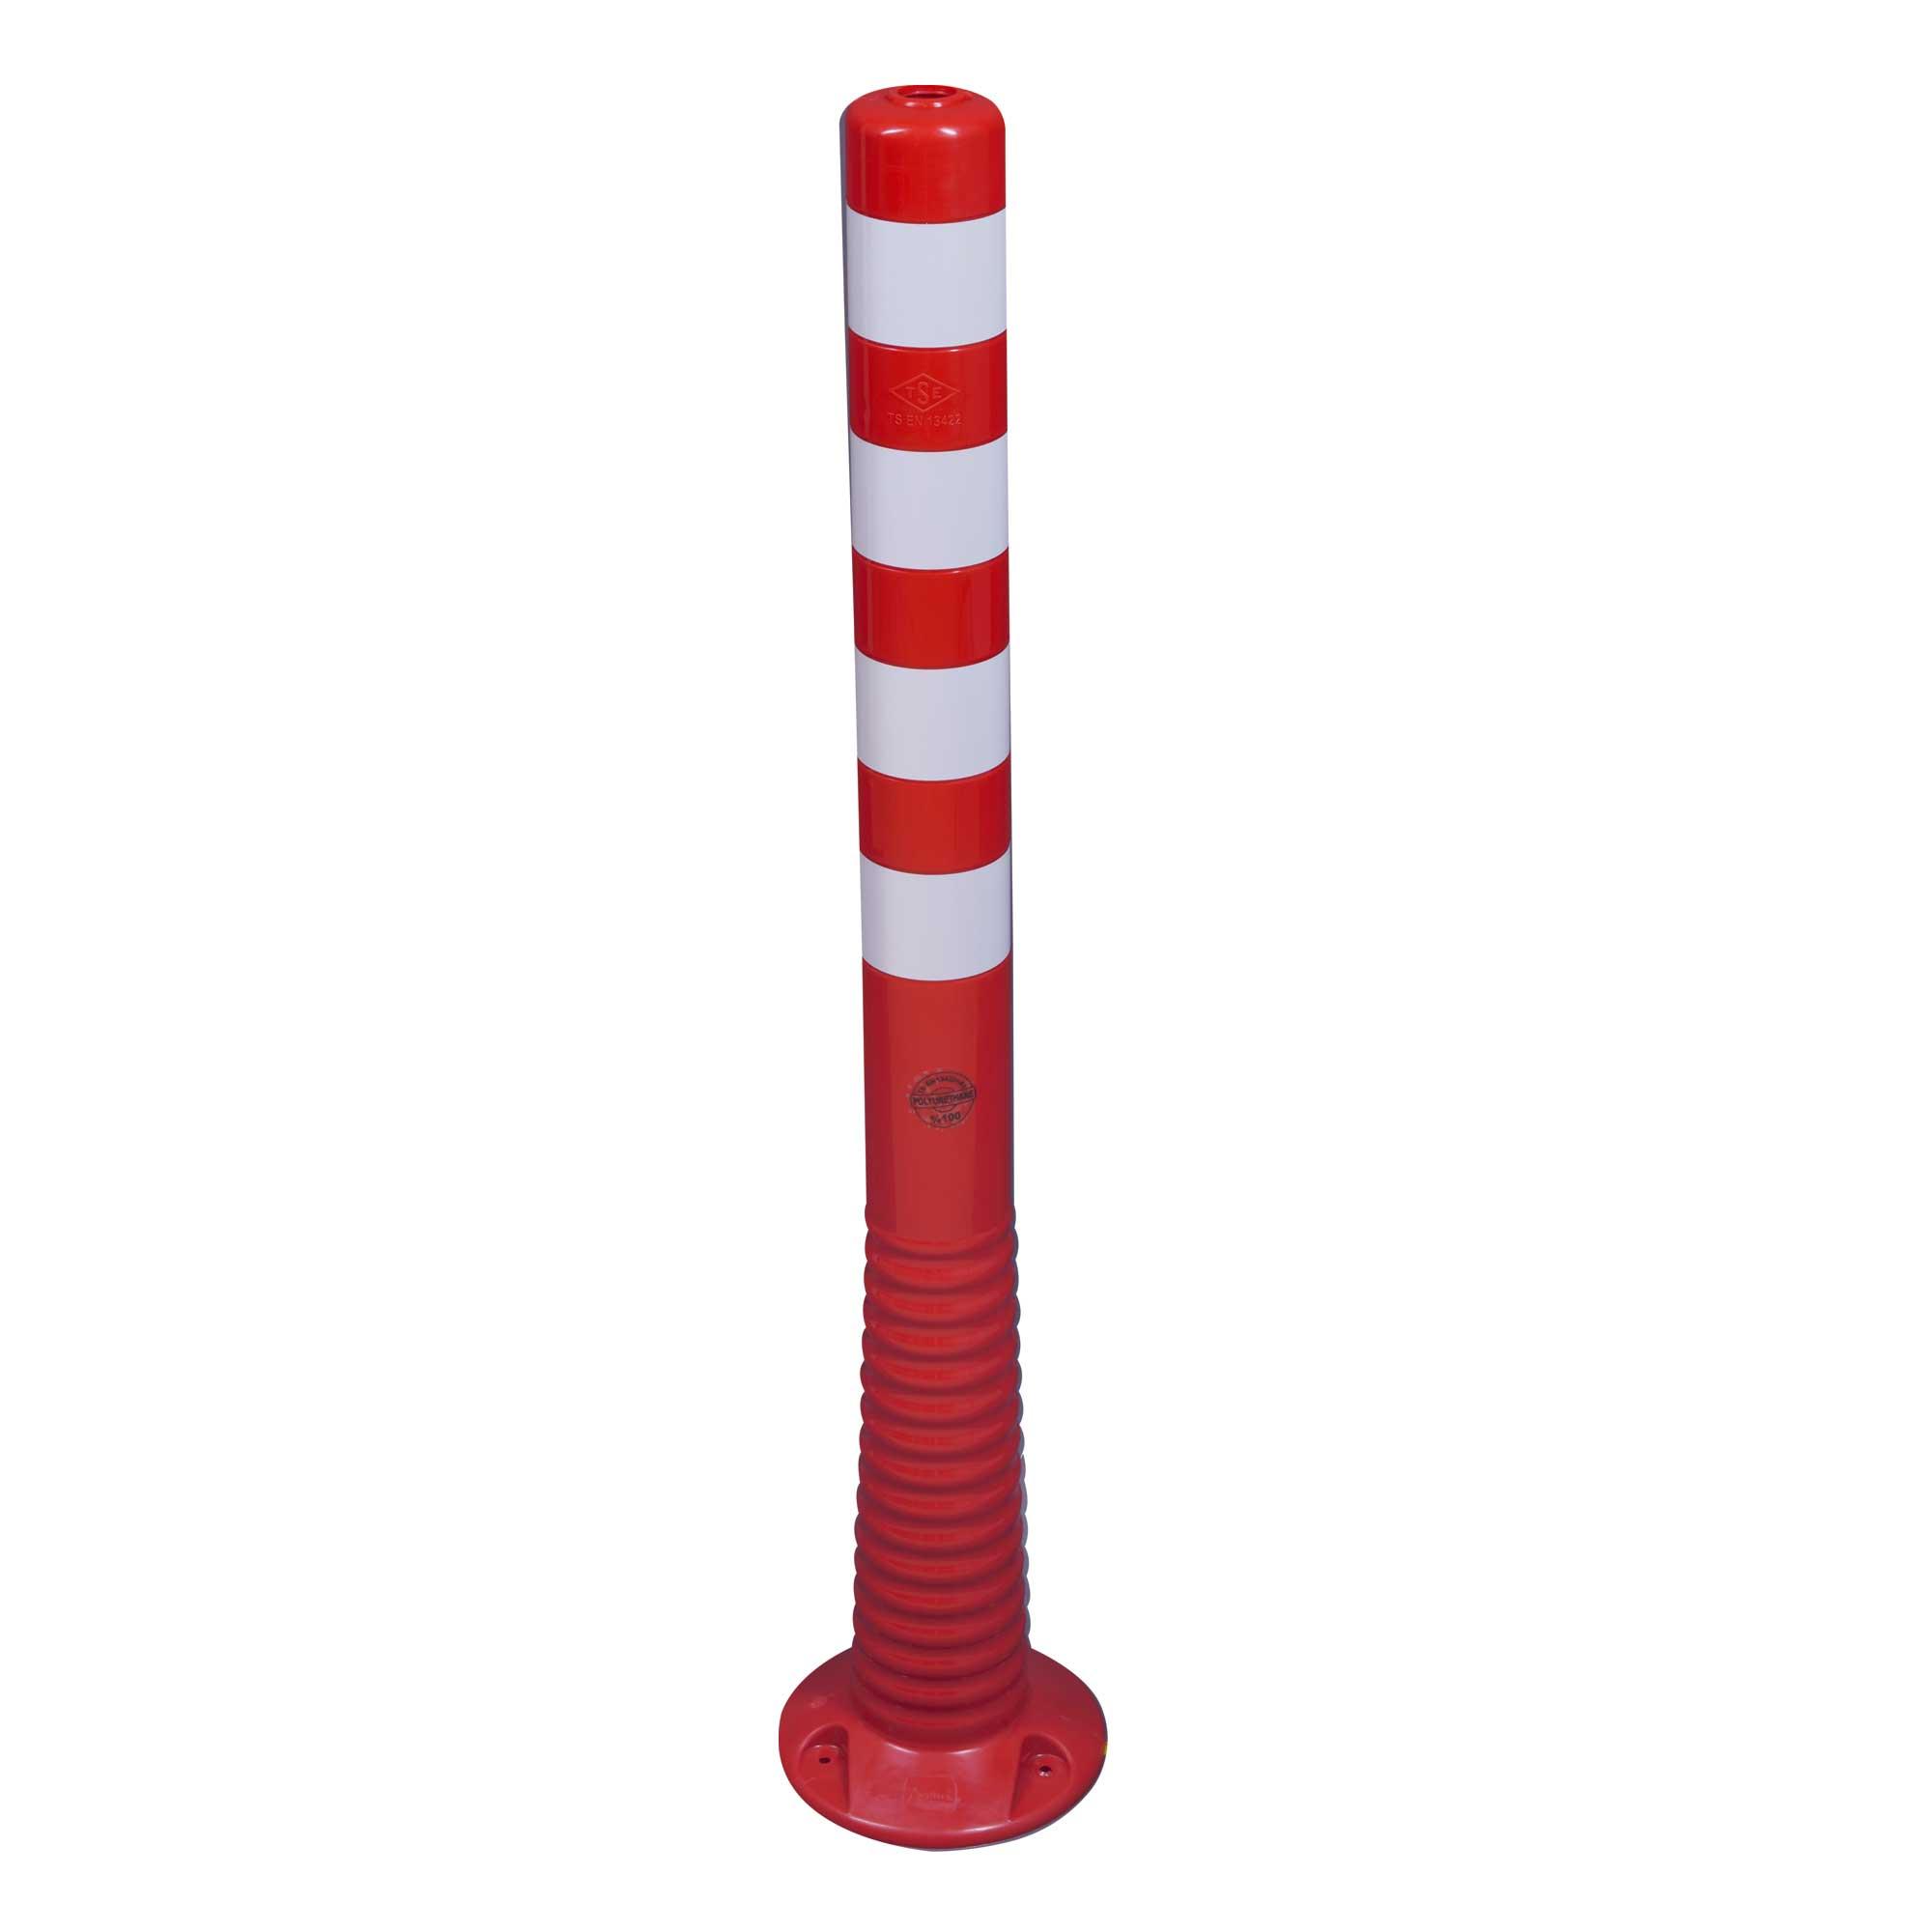 Flexipfosten 1000 mm, rot/weiß